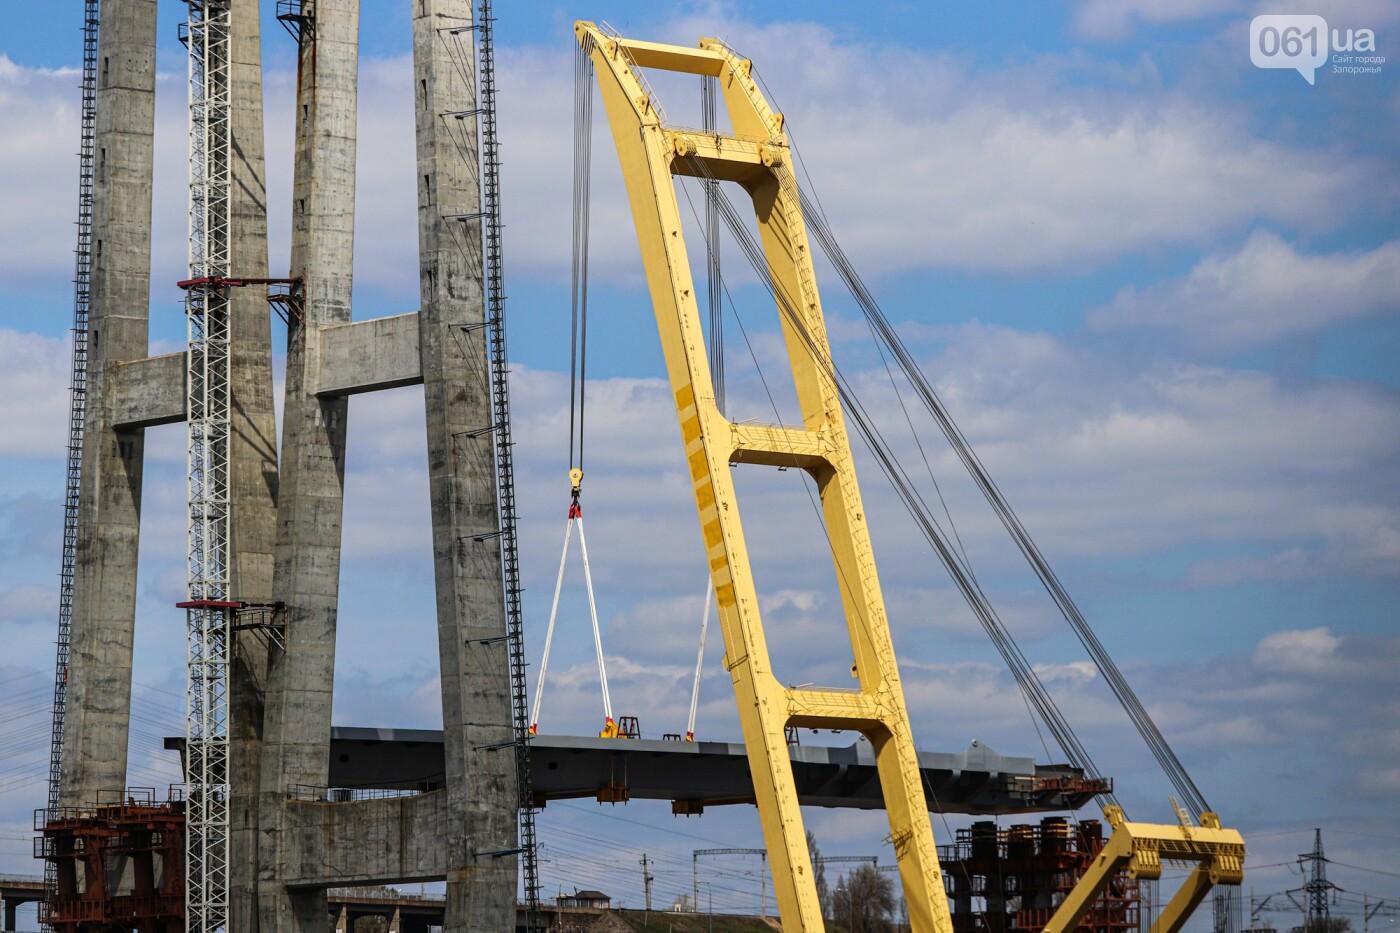 В Запорожье монтируют первый блок вантового моста, - ФОТОРЕПОРТАЖ, фото-7